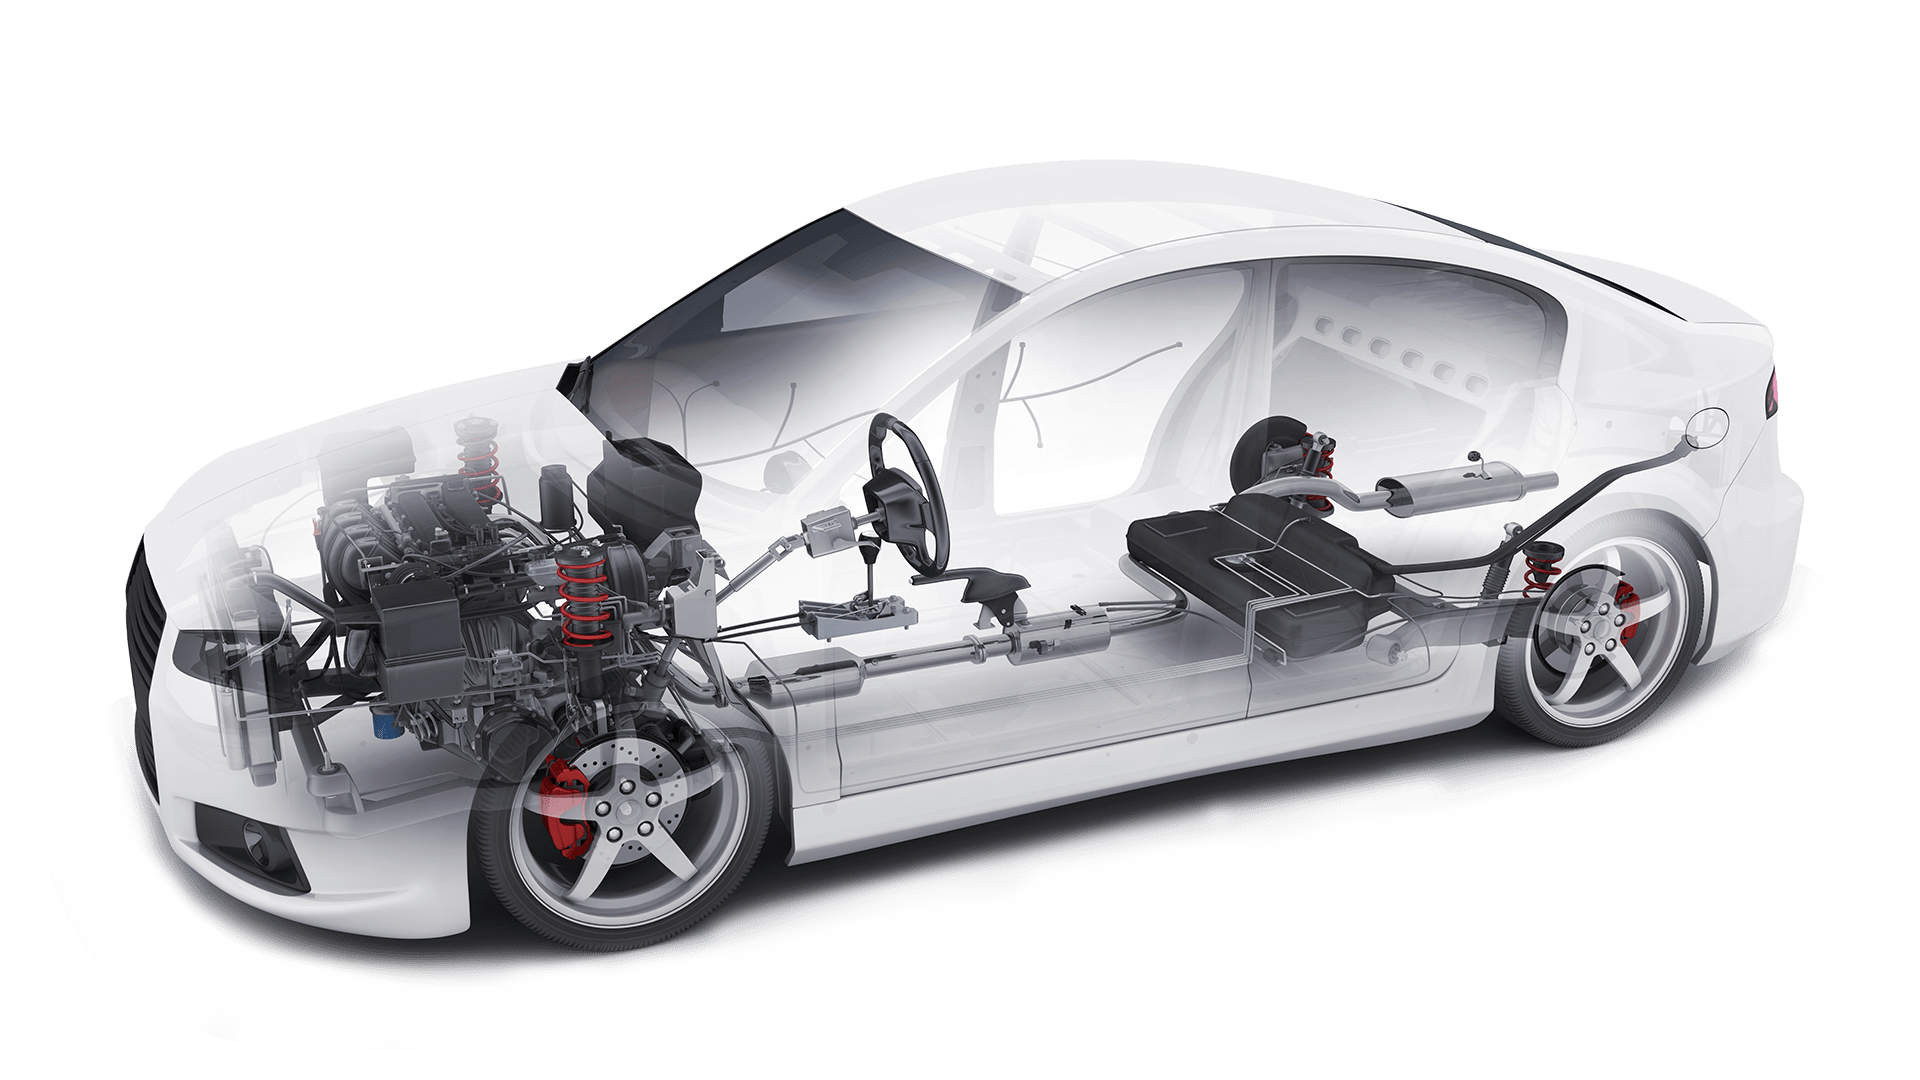 Transparant Car